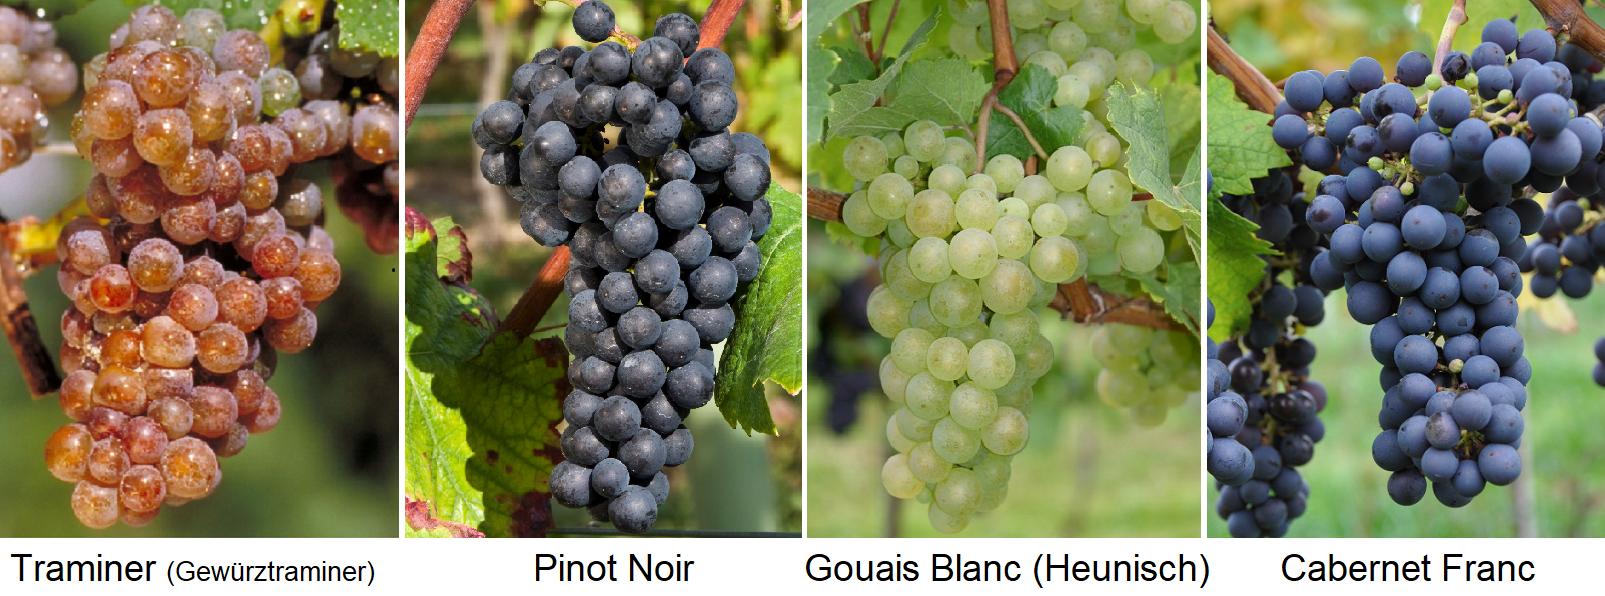 Leading varieties: Traminer (Gewürztraminer), Pinot Noir, Gouais Blanc (Heunsich), Cabernet Franc